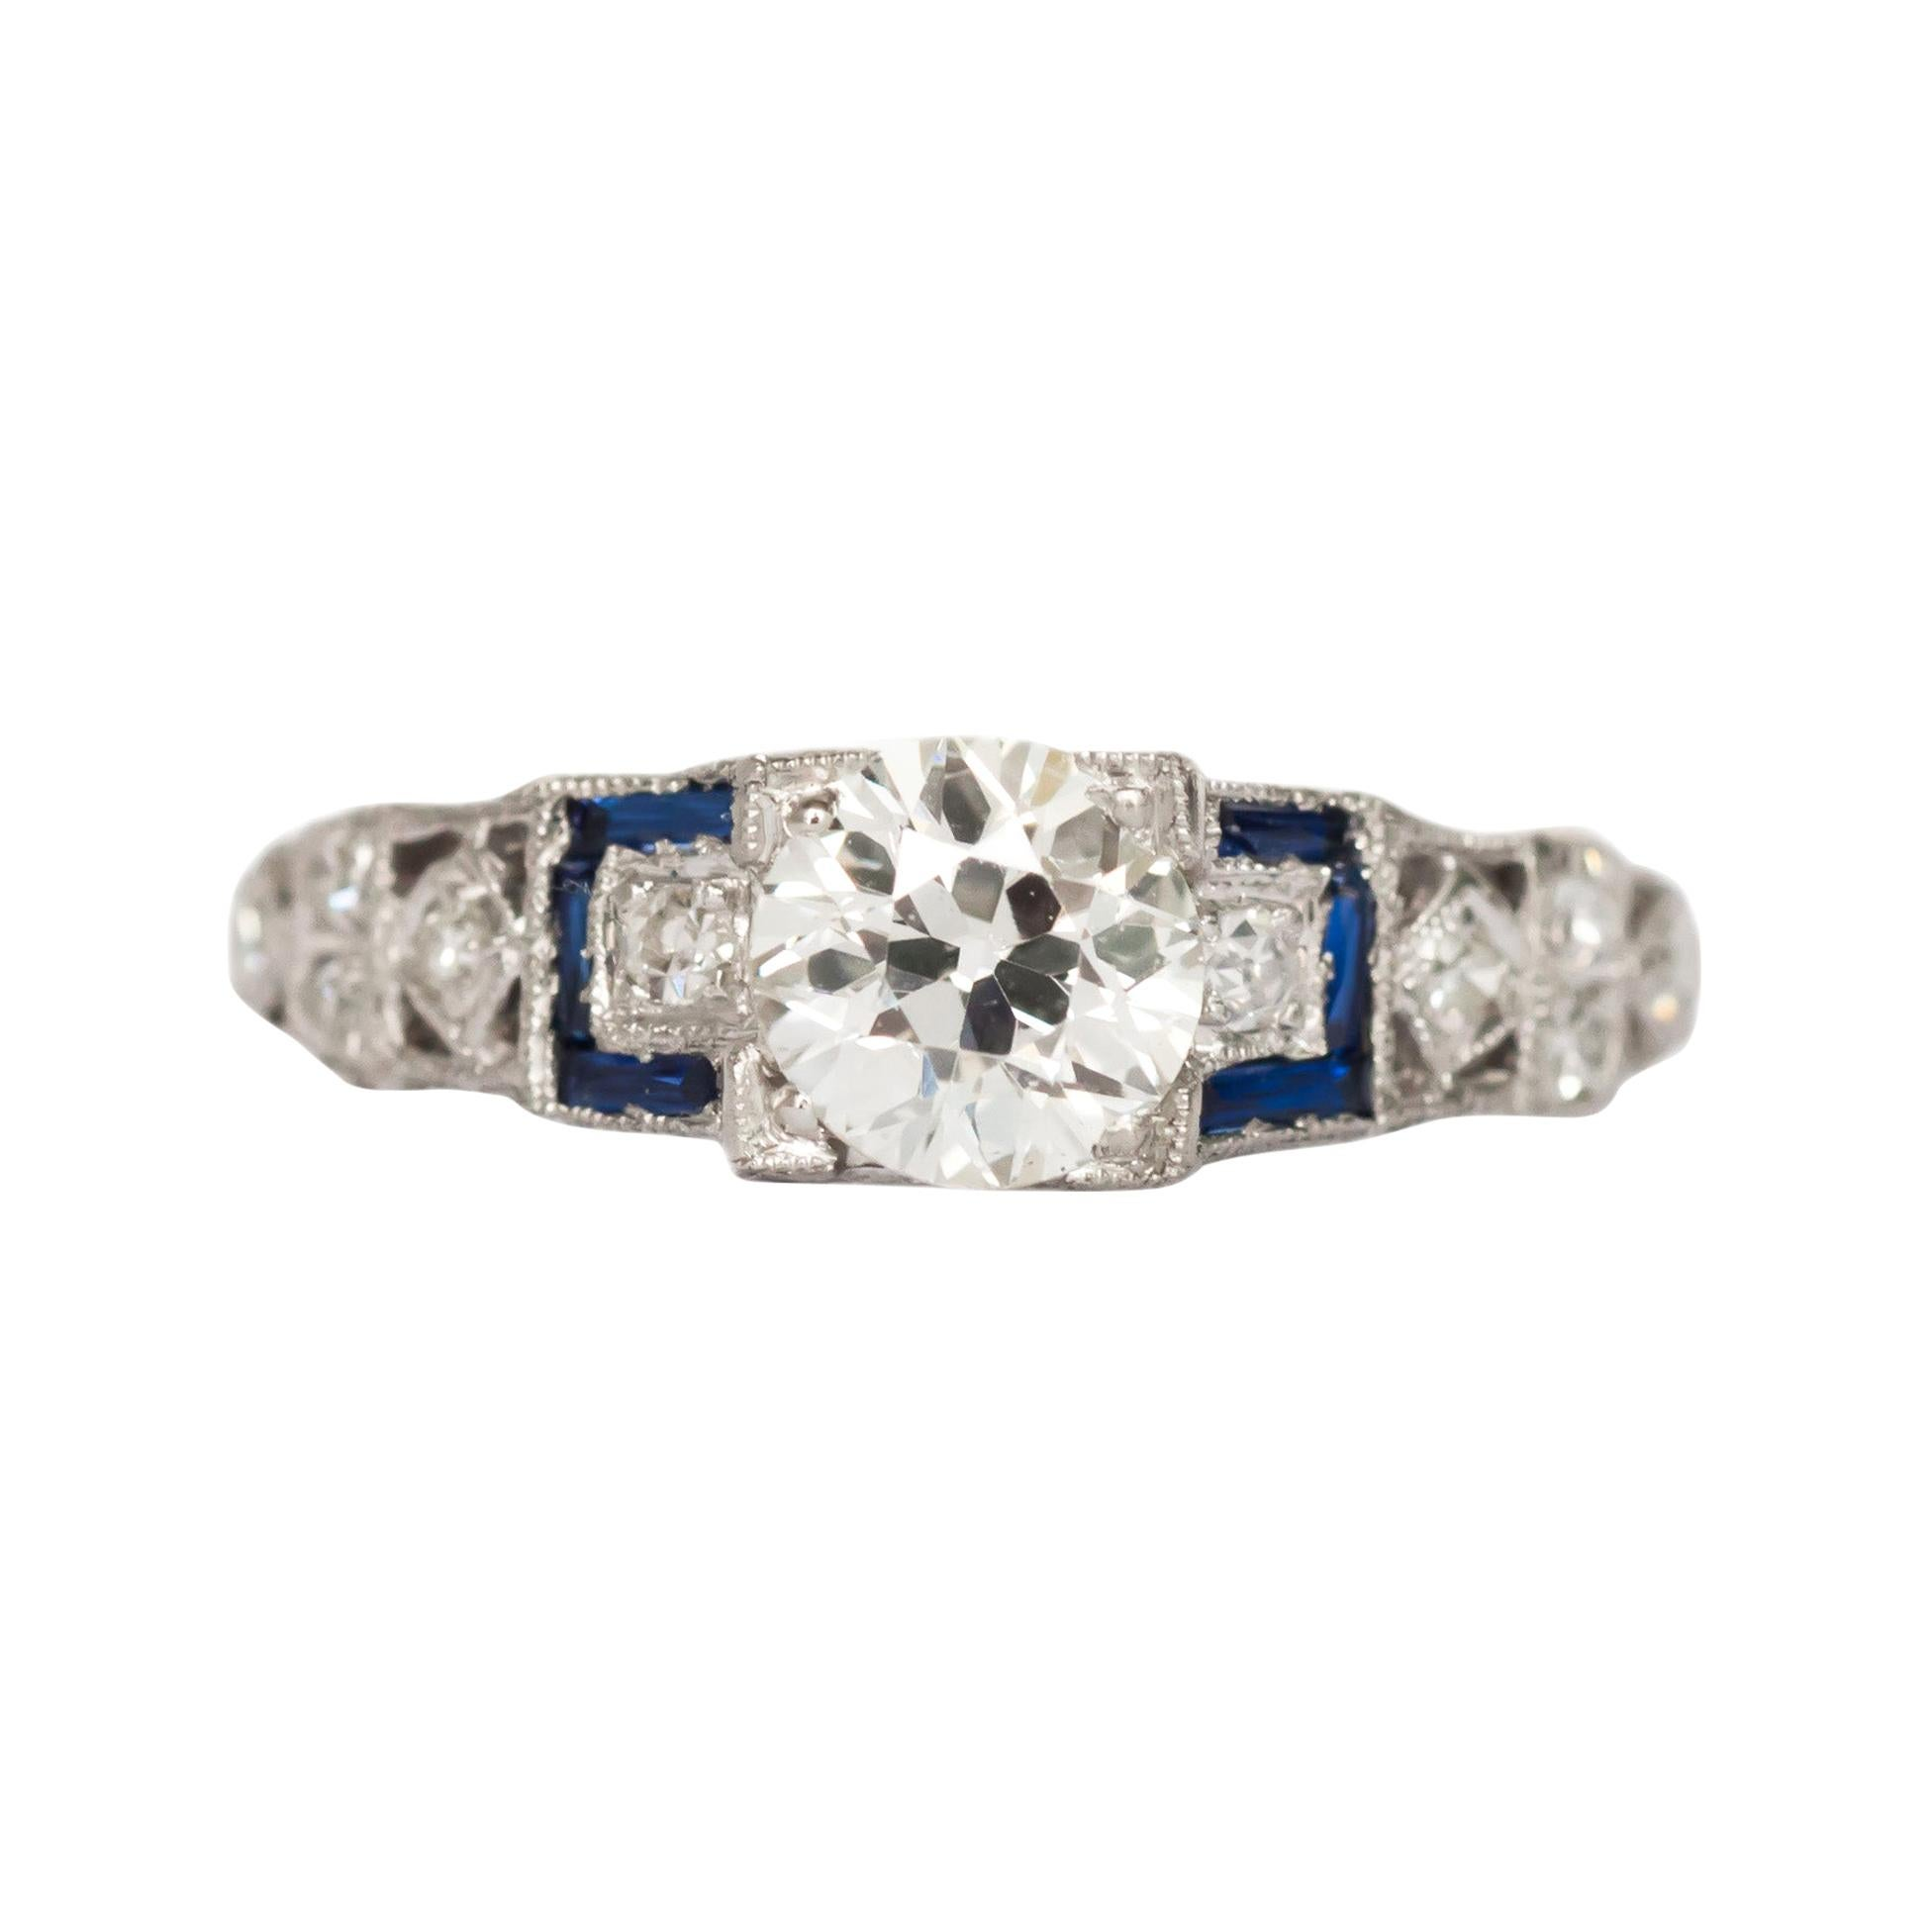 GIA Certified .85 Carat Diamond Platinum Engagement Ring